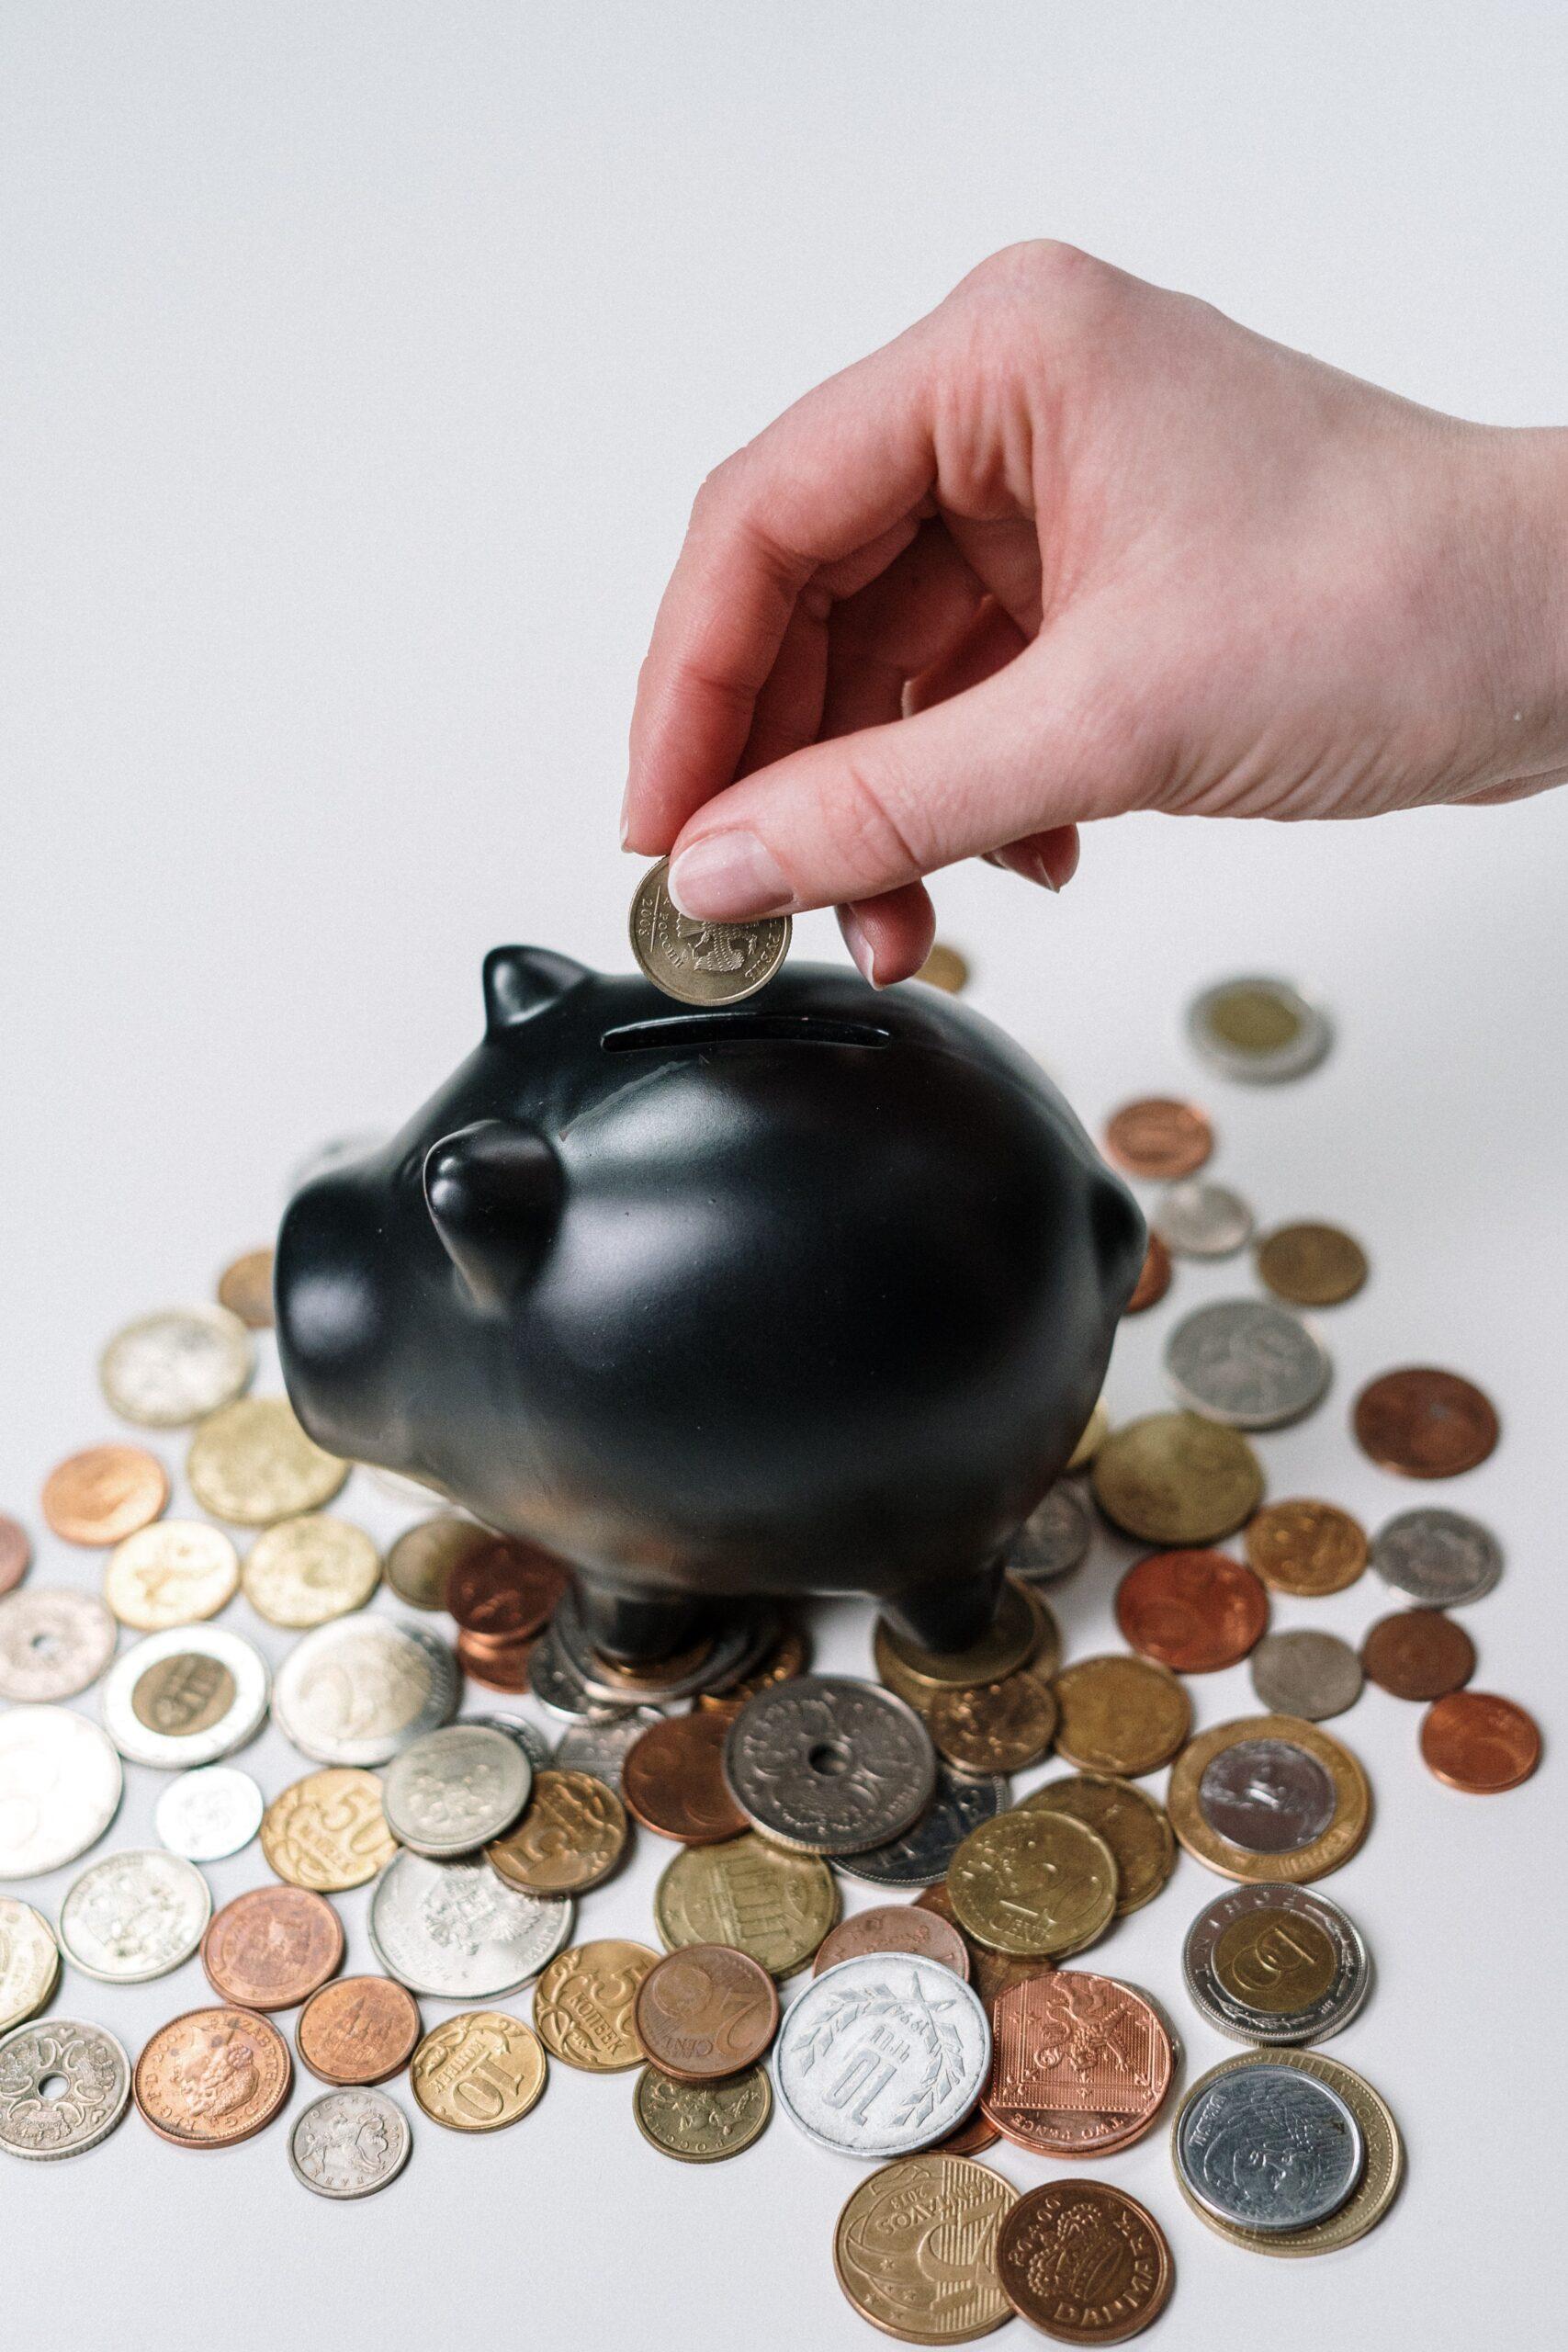 副業の物販ビジネスで稼いでお金に税金はかかる?確定申告の必要は?